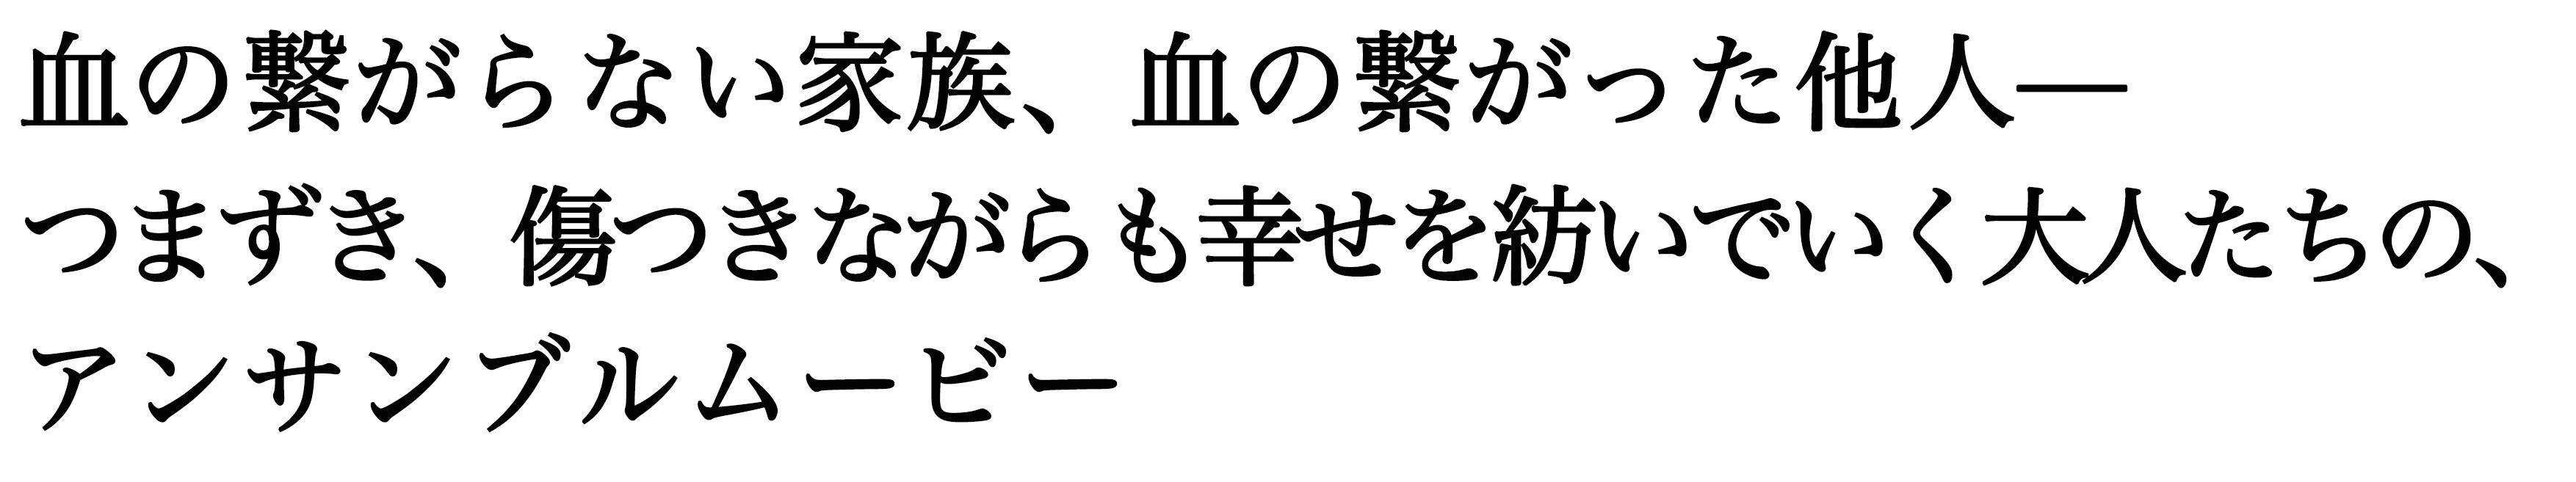 http://www.suncityhall.jp/H30.3%E6%9C%88%E2%91%A2.jpg